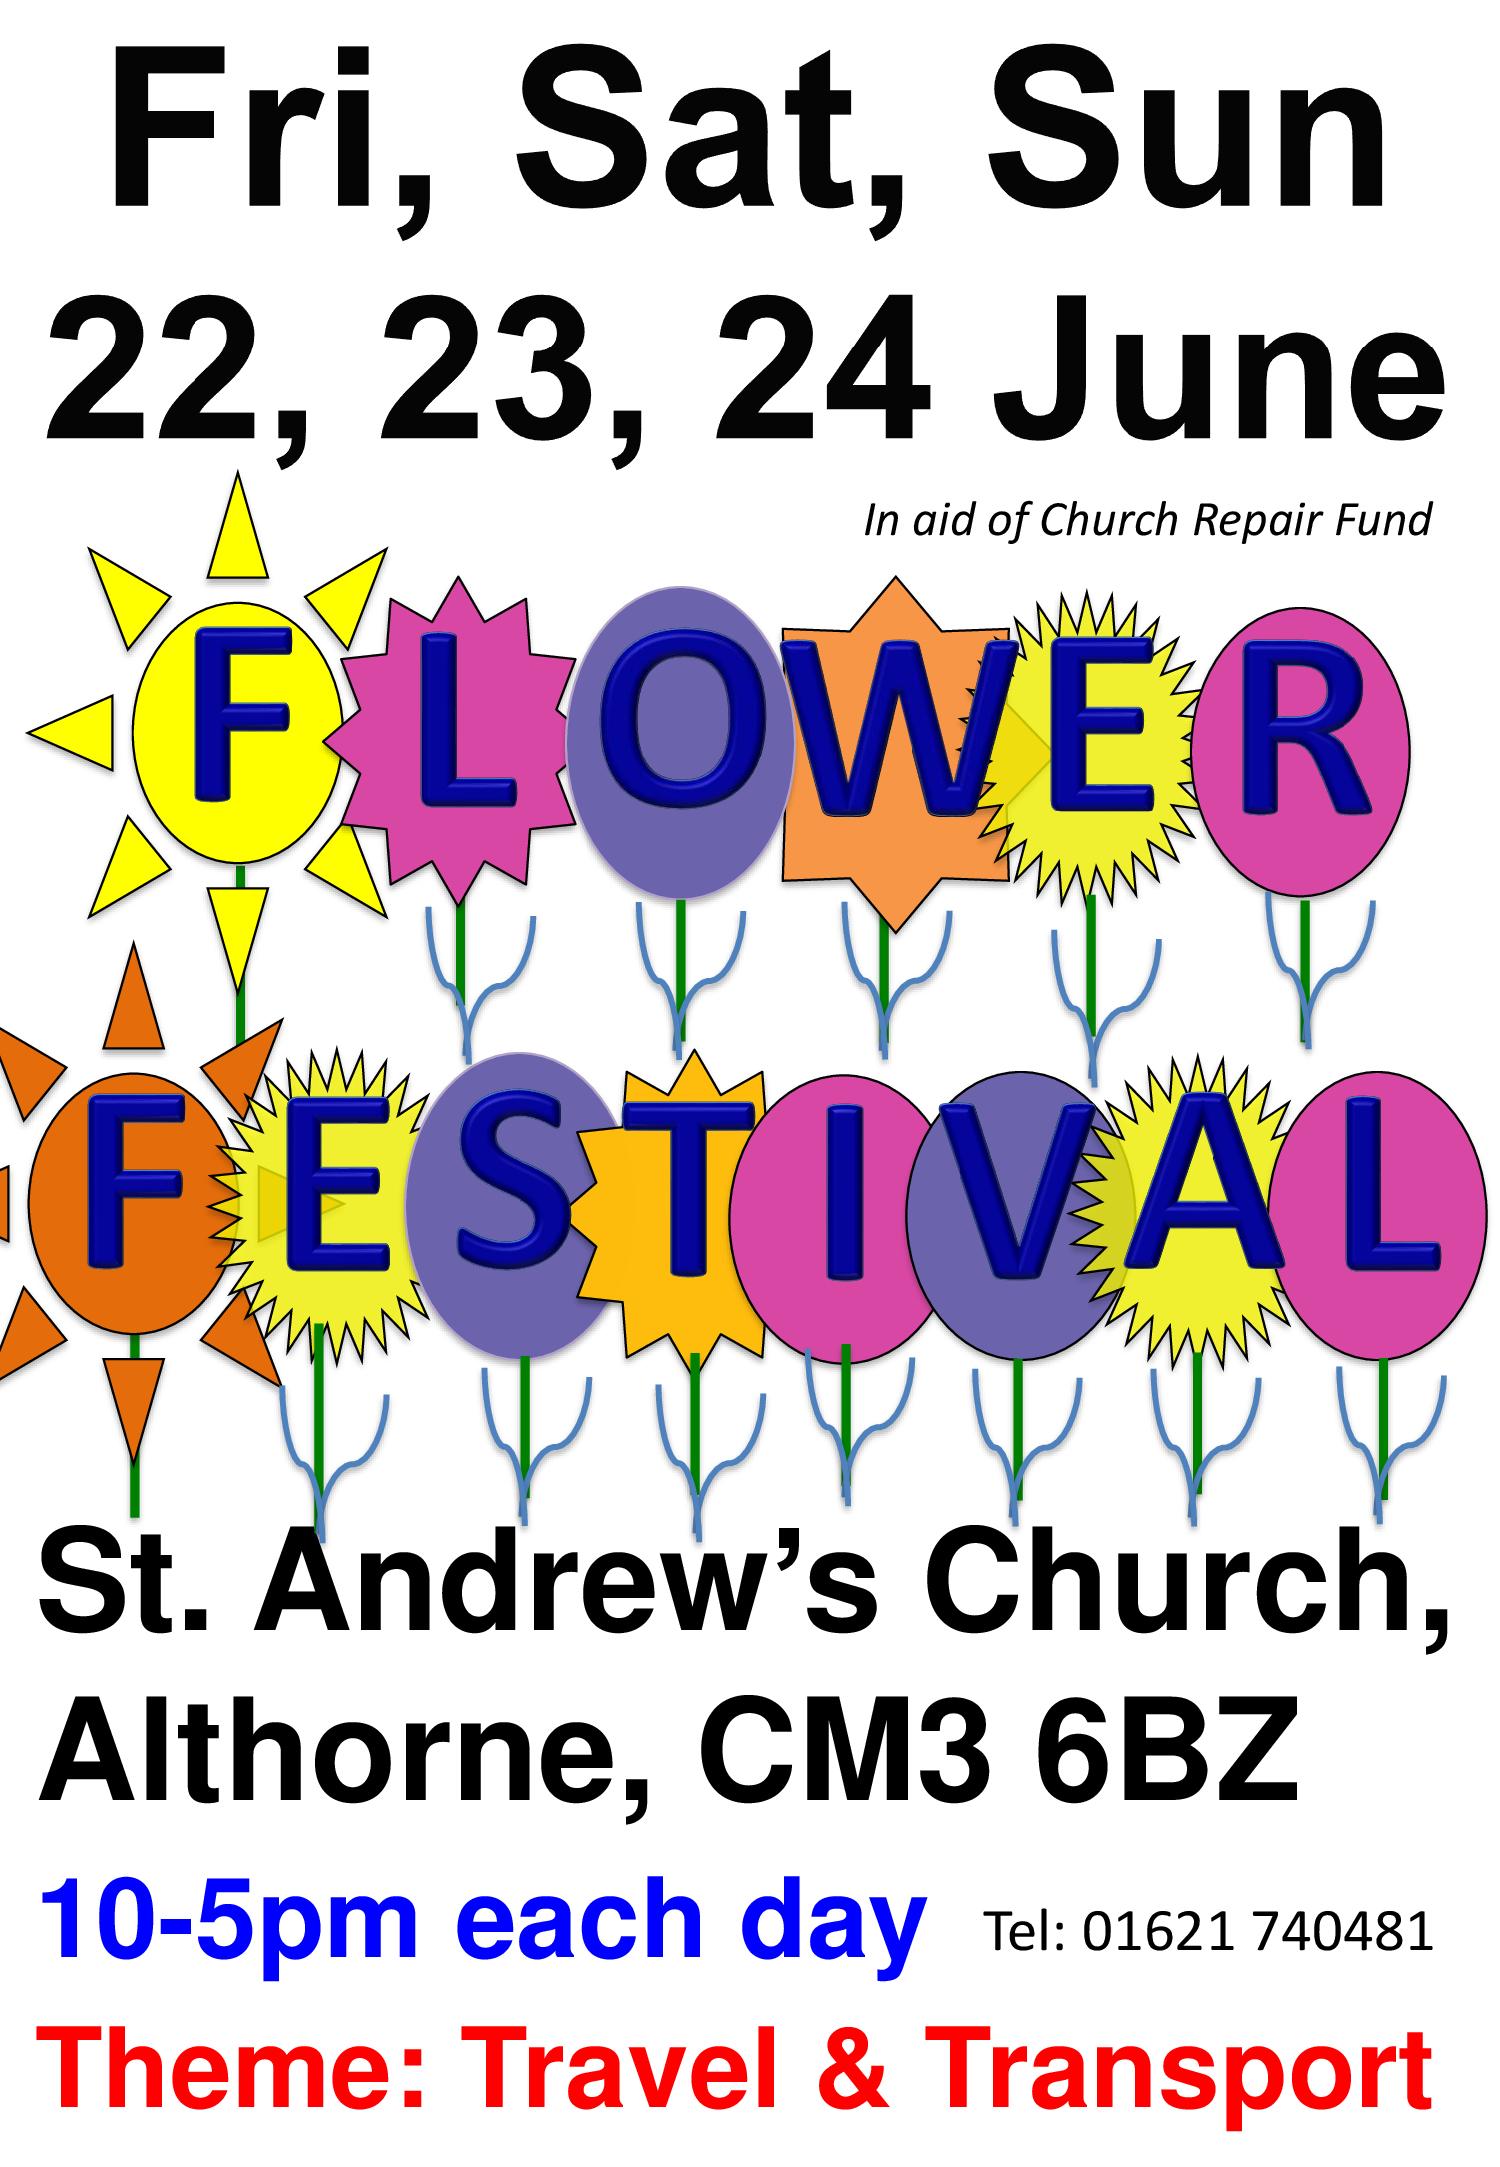 Flower Festival, themed: Travel & Transport